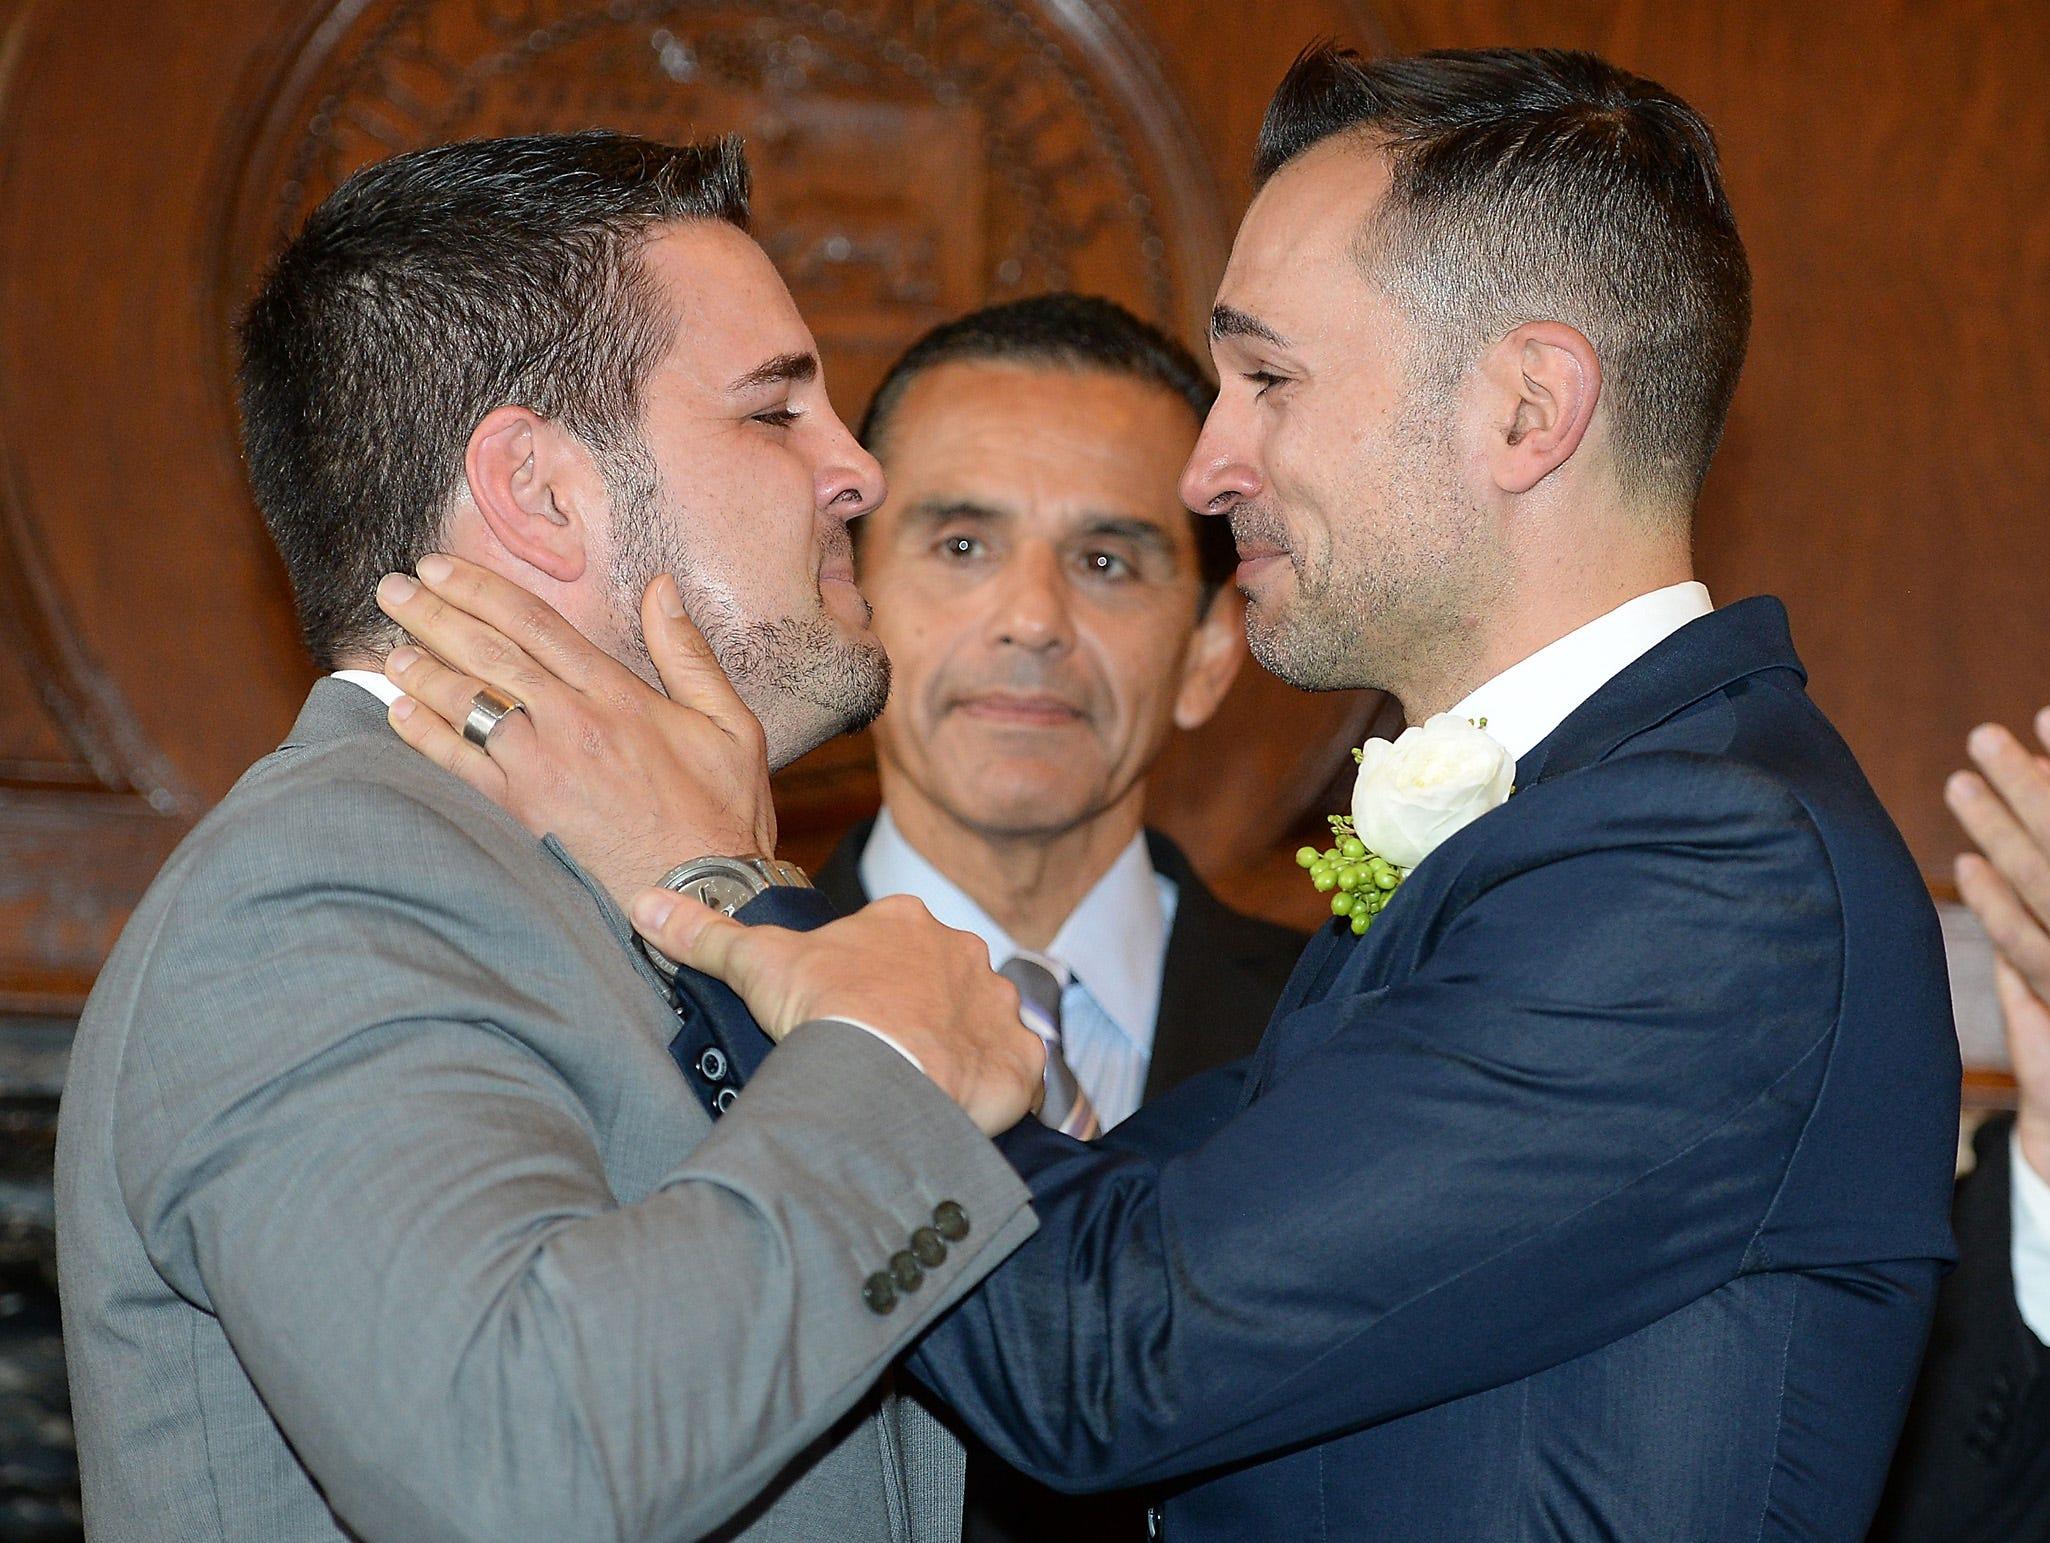 Antonio villaraigosa on gay marraige